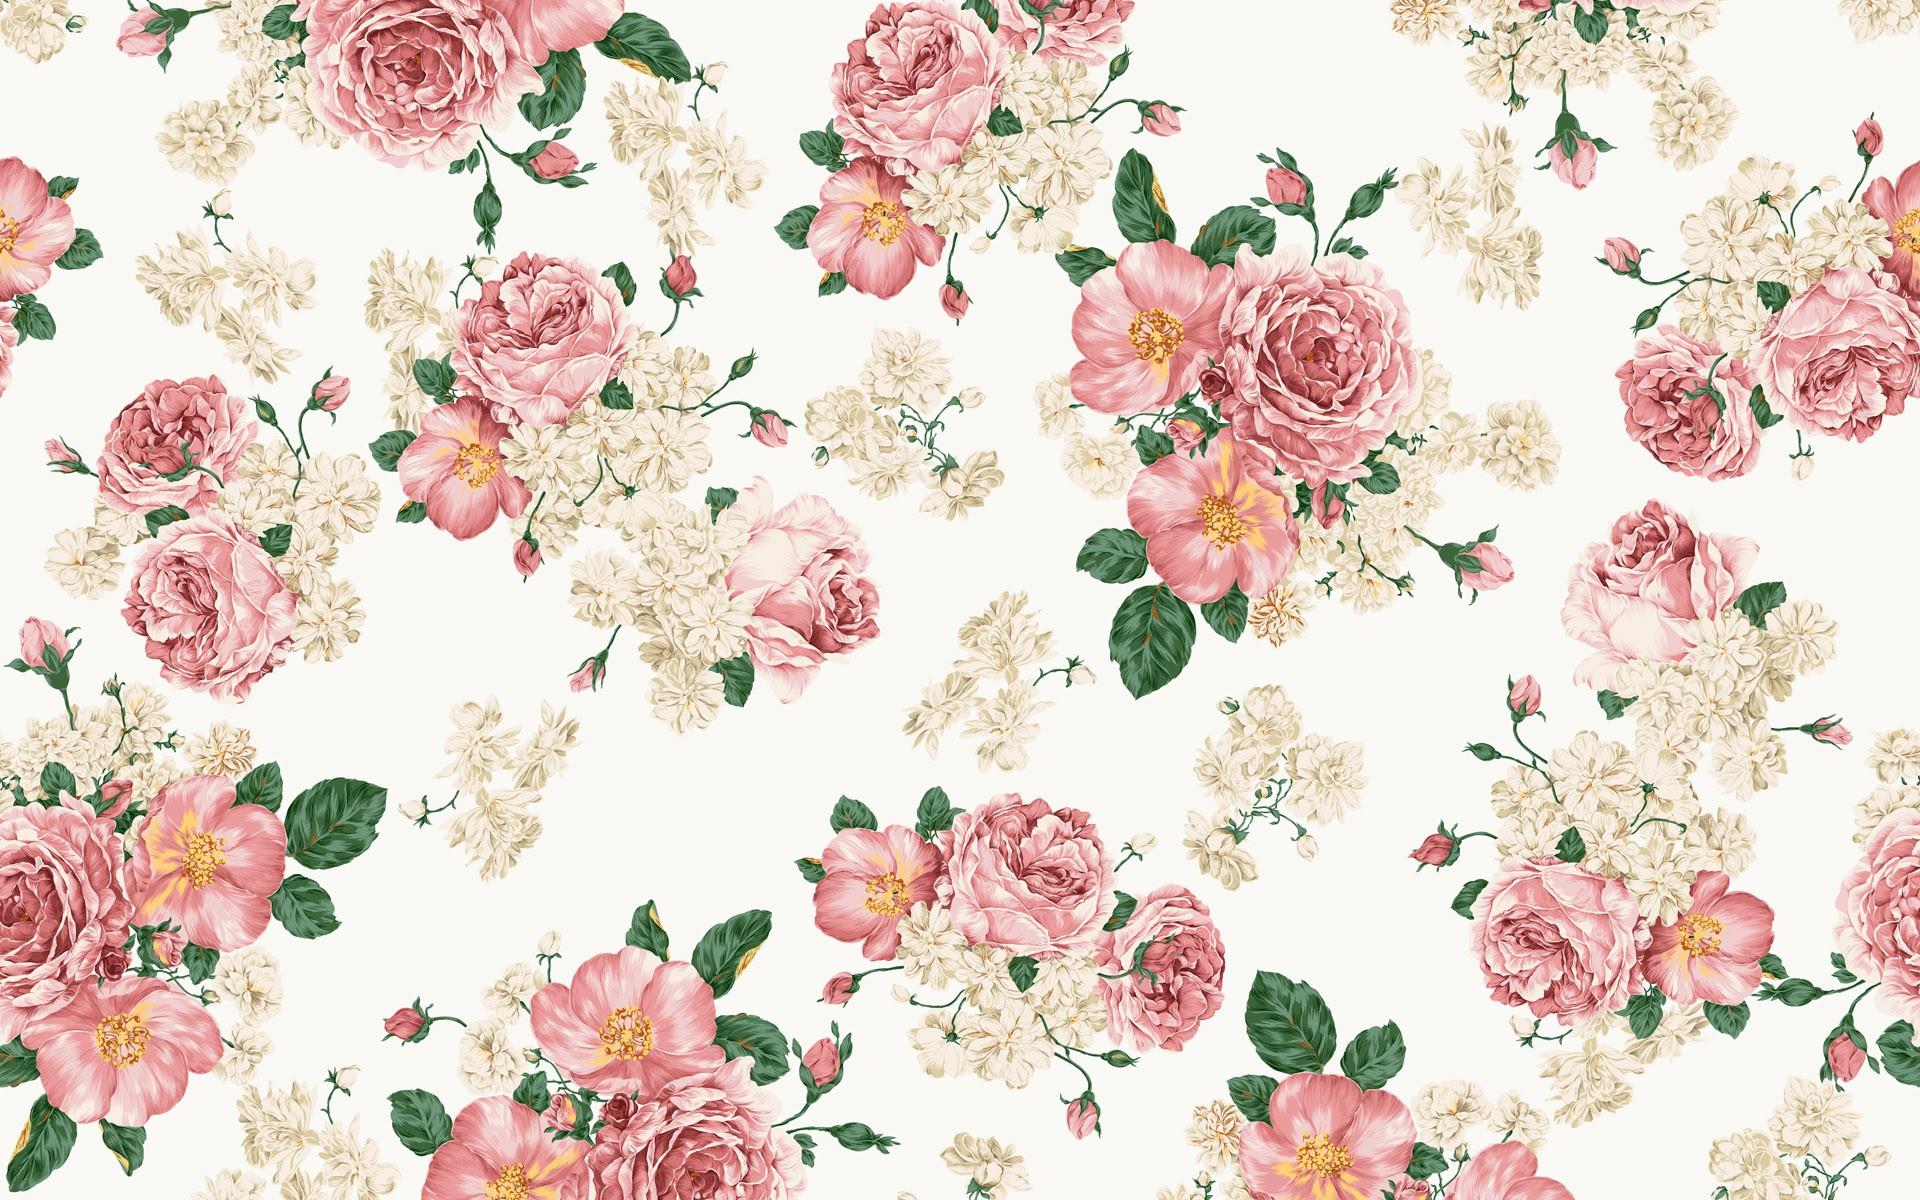 desktop wallpaper tumblr,pink,floral design,pattern,flower,rose